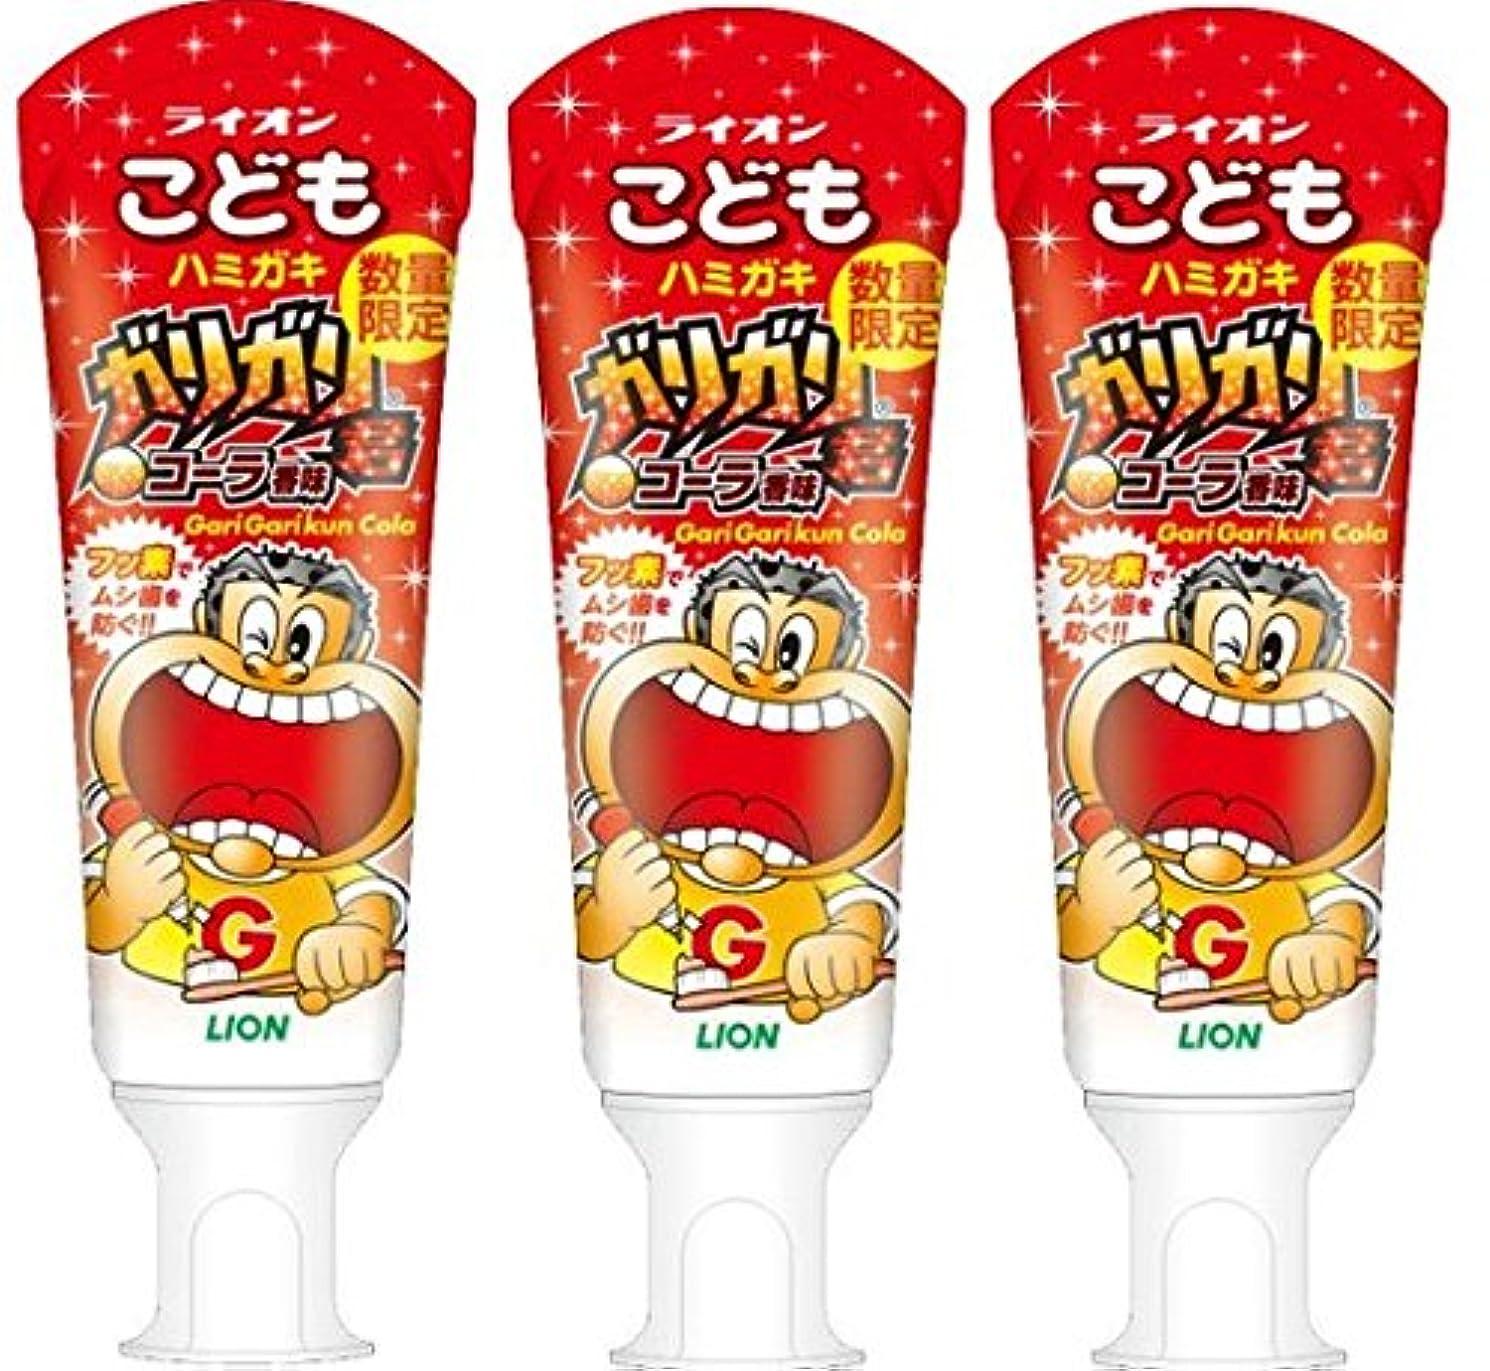 傘オリエントワーカー【お買い得セット】 こどもハミガキ ガリガリ君 コーラ香味 3本